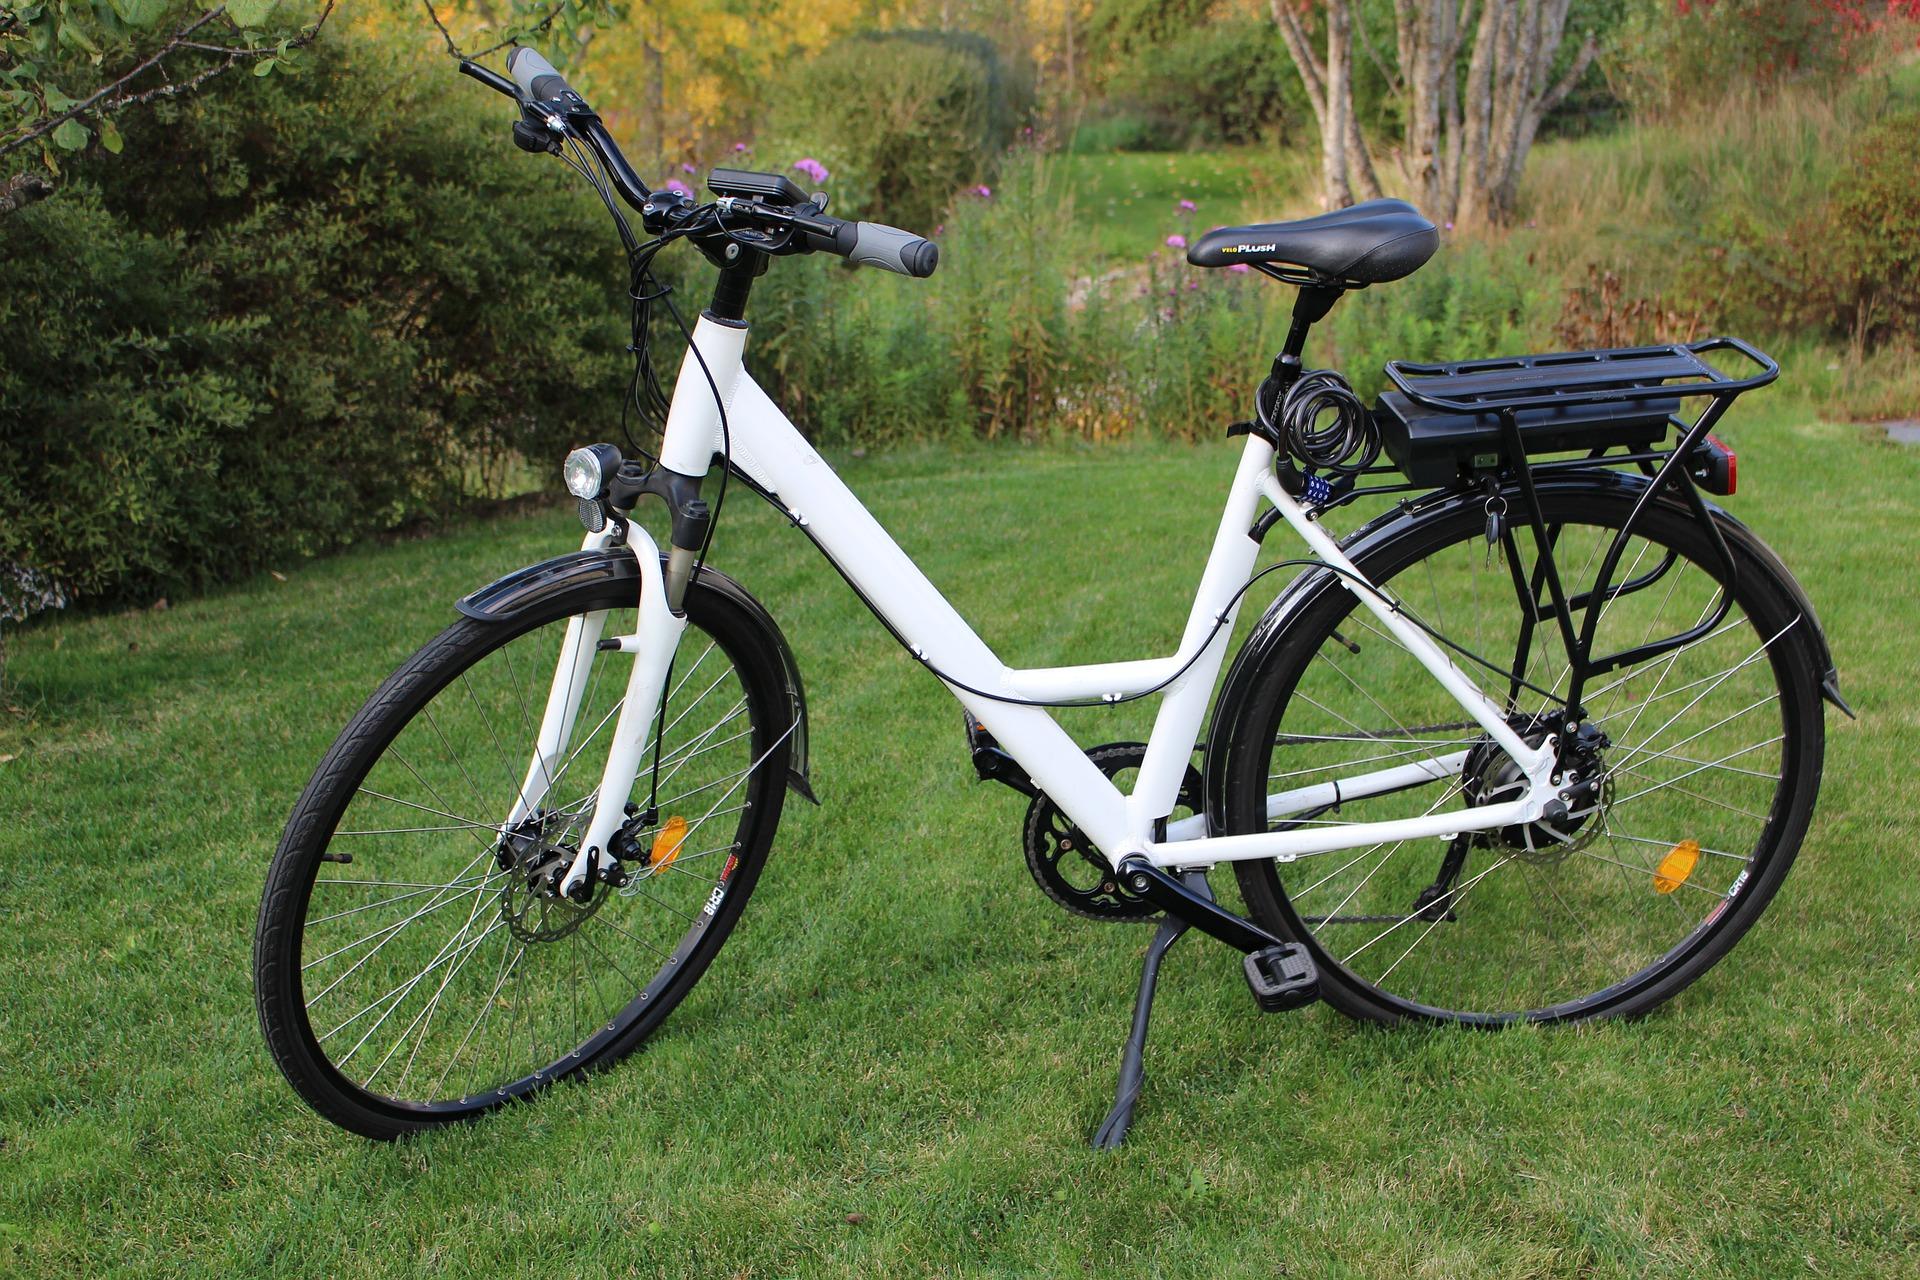 Quels sont les critères de choix pour un vélo électrique?